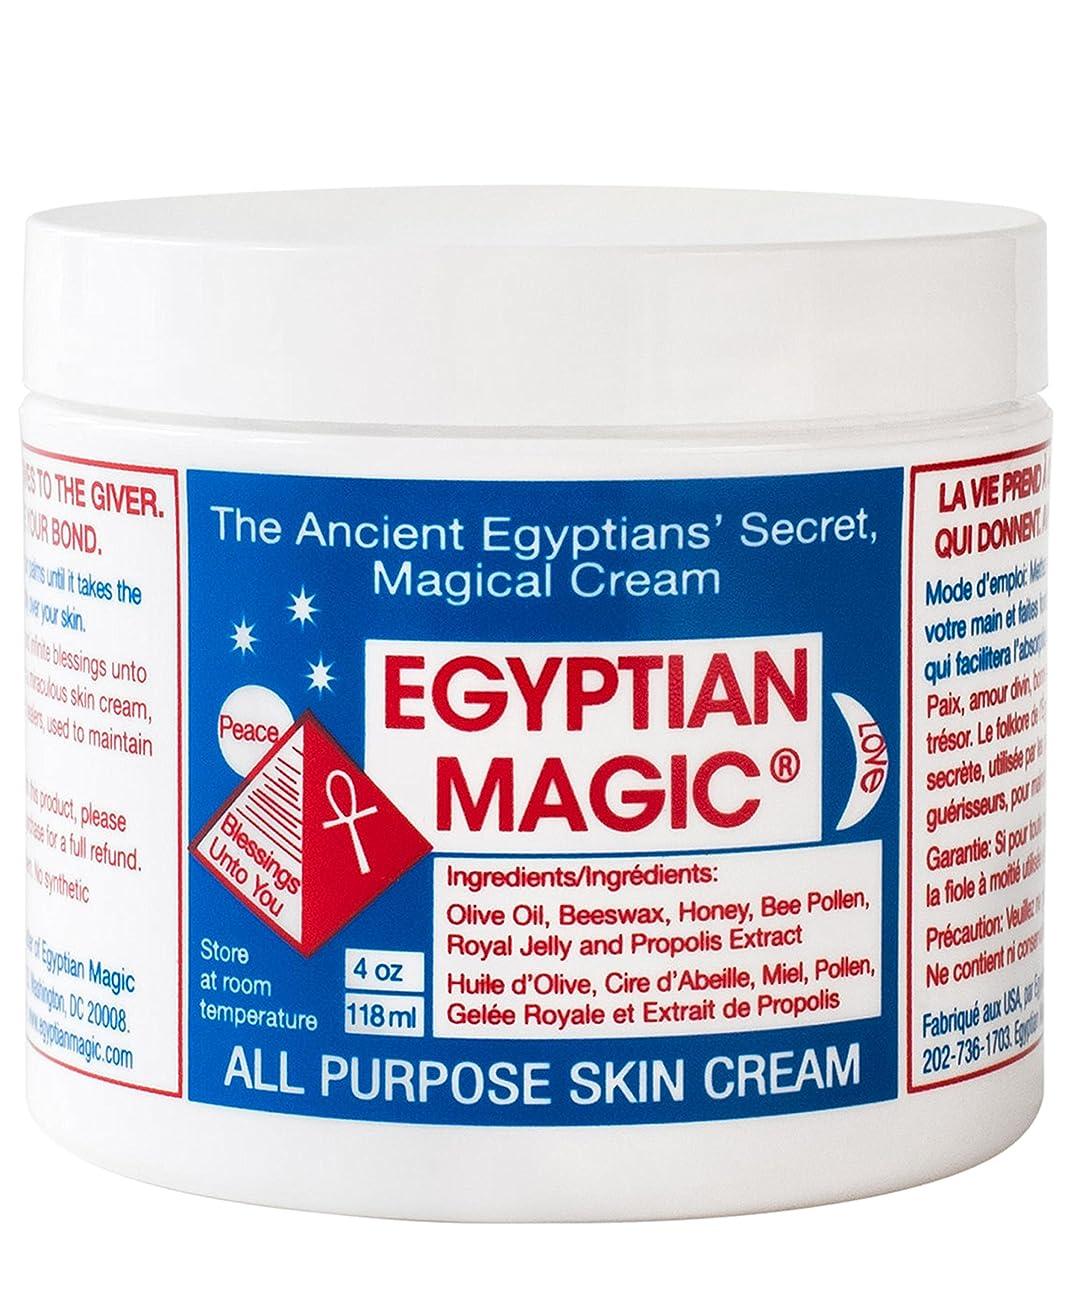 蓄積するテキスト愚かエジプトの魔法の万能スキンクリーム118ミリリットル x2 - Egyptian Magic All Purpose Skin Cream 118ml (Pack of 2) [並行輸入品]